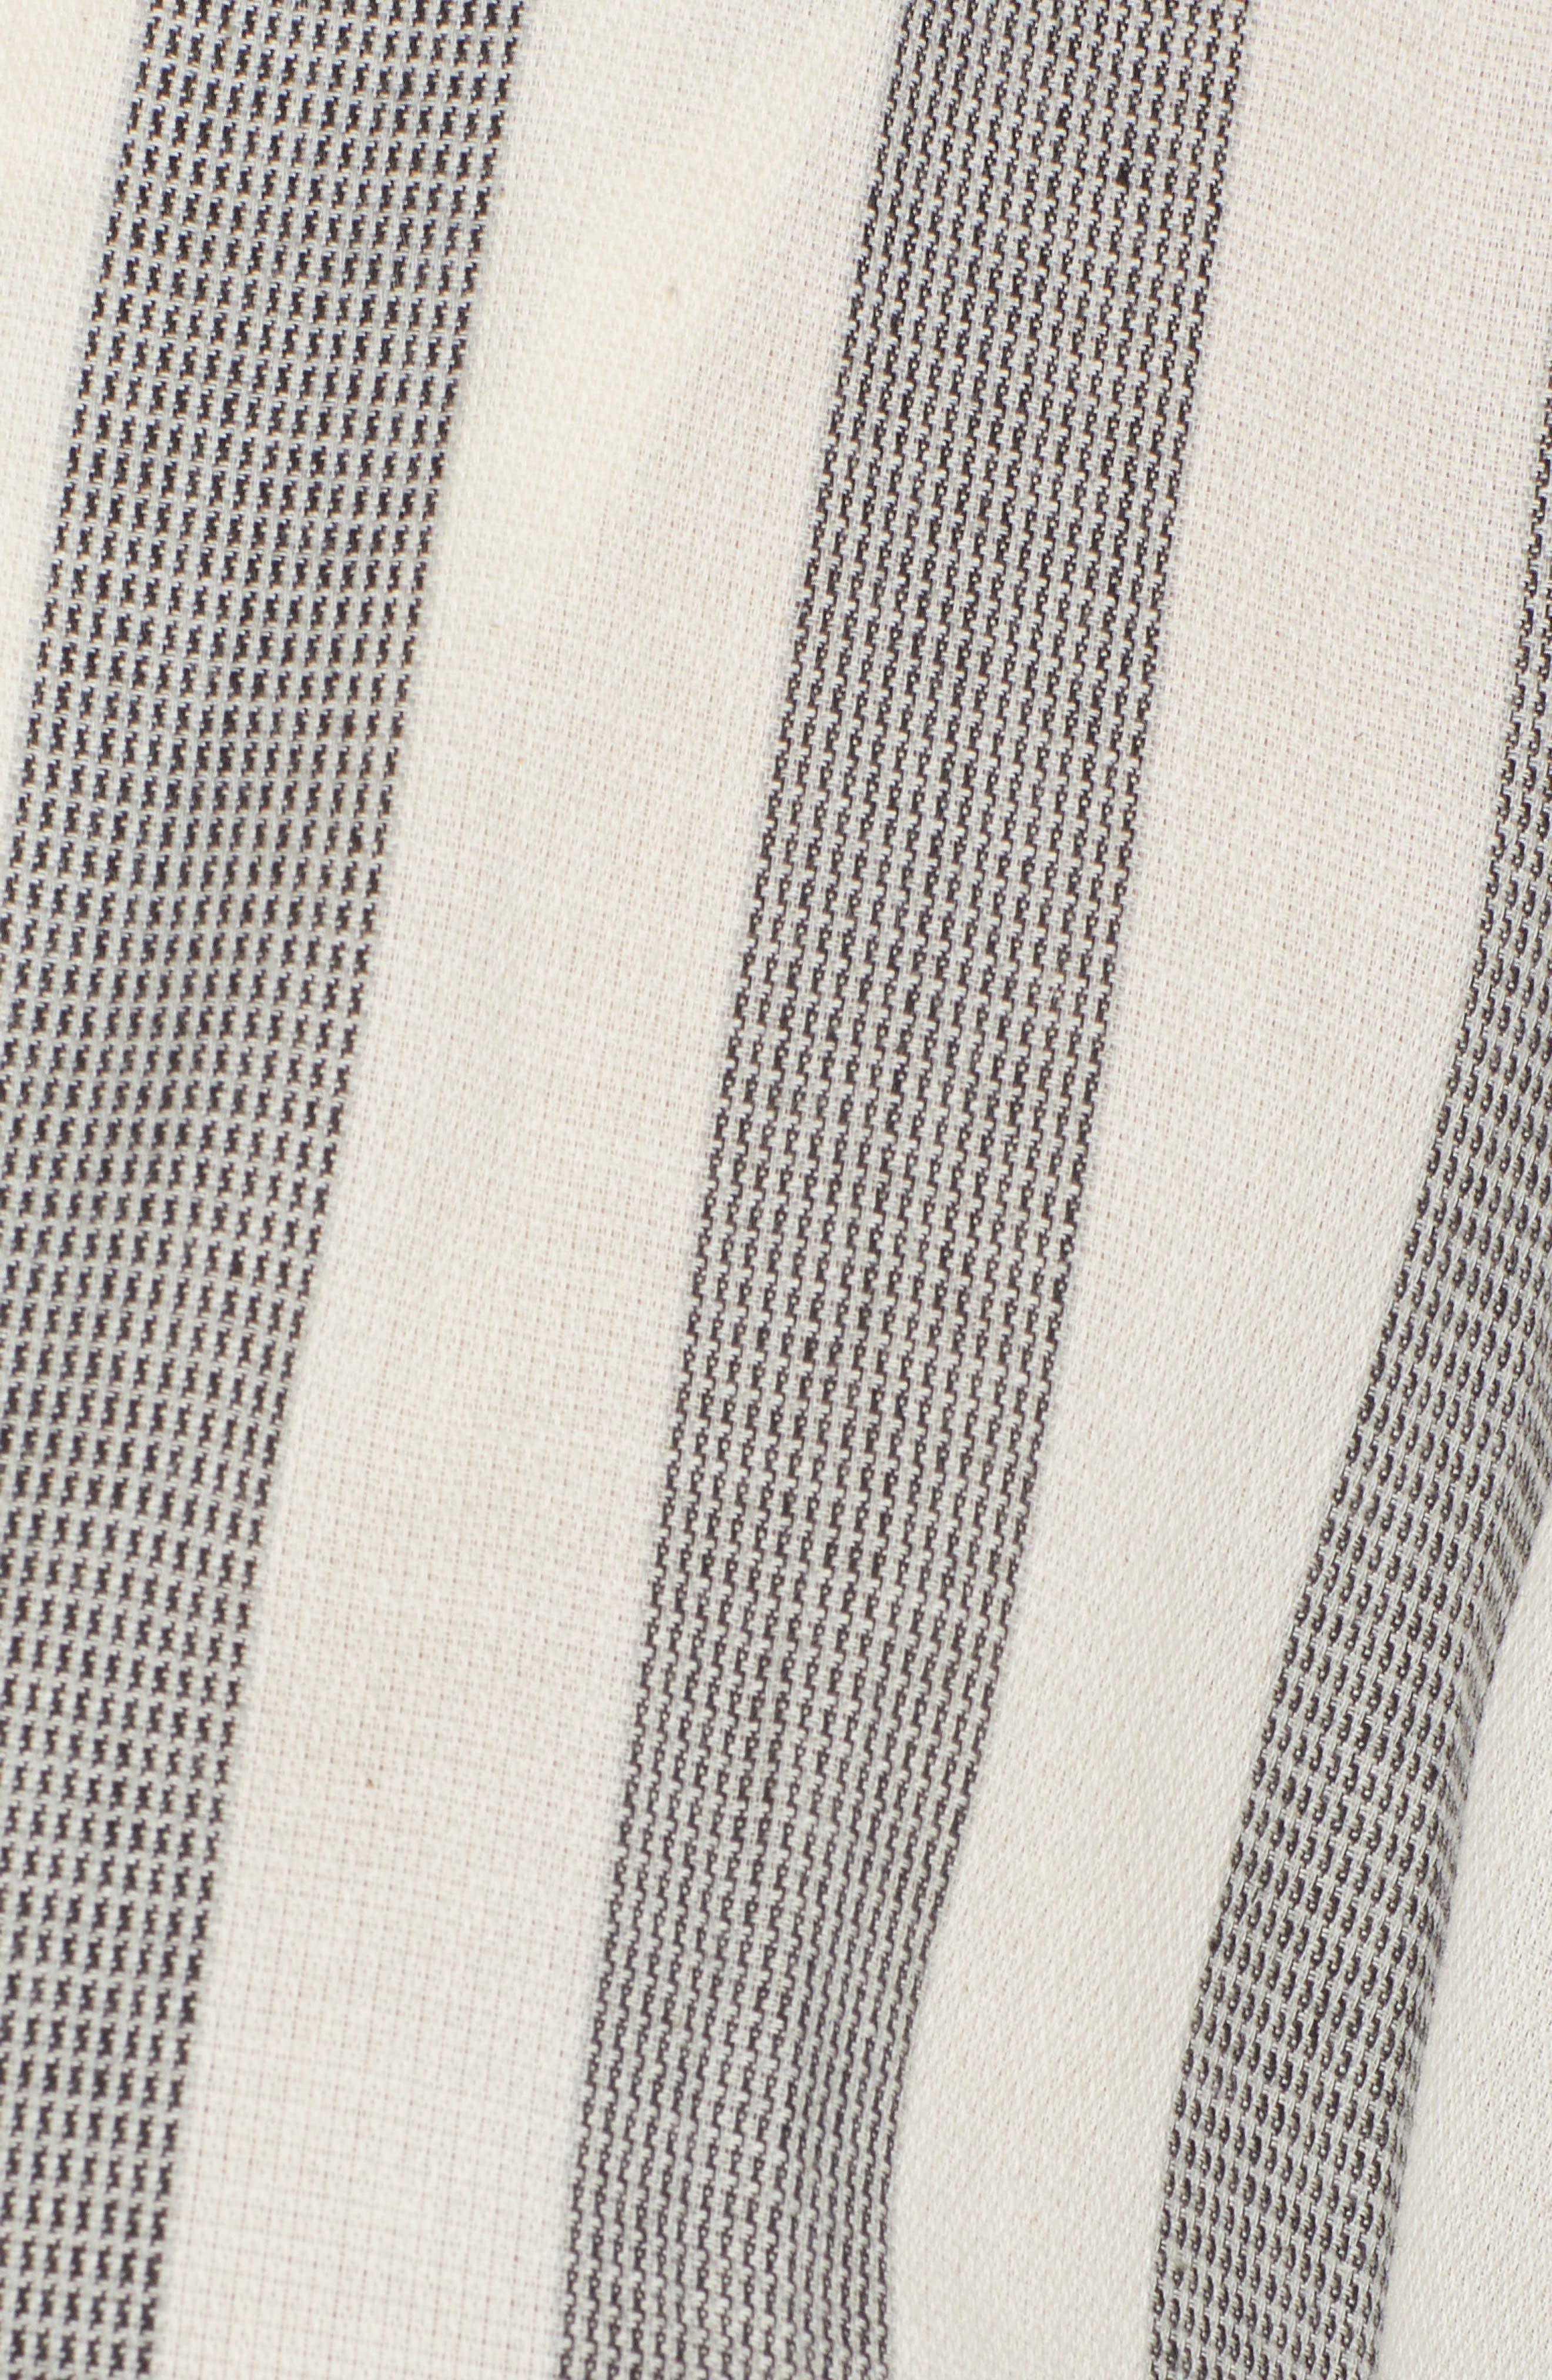 Stripe Cotton Wrap Dress,                             Alternate thumbnail 7, color,                             Black Stripe